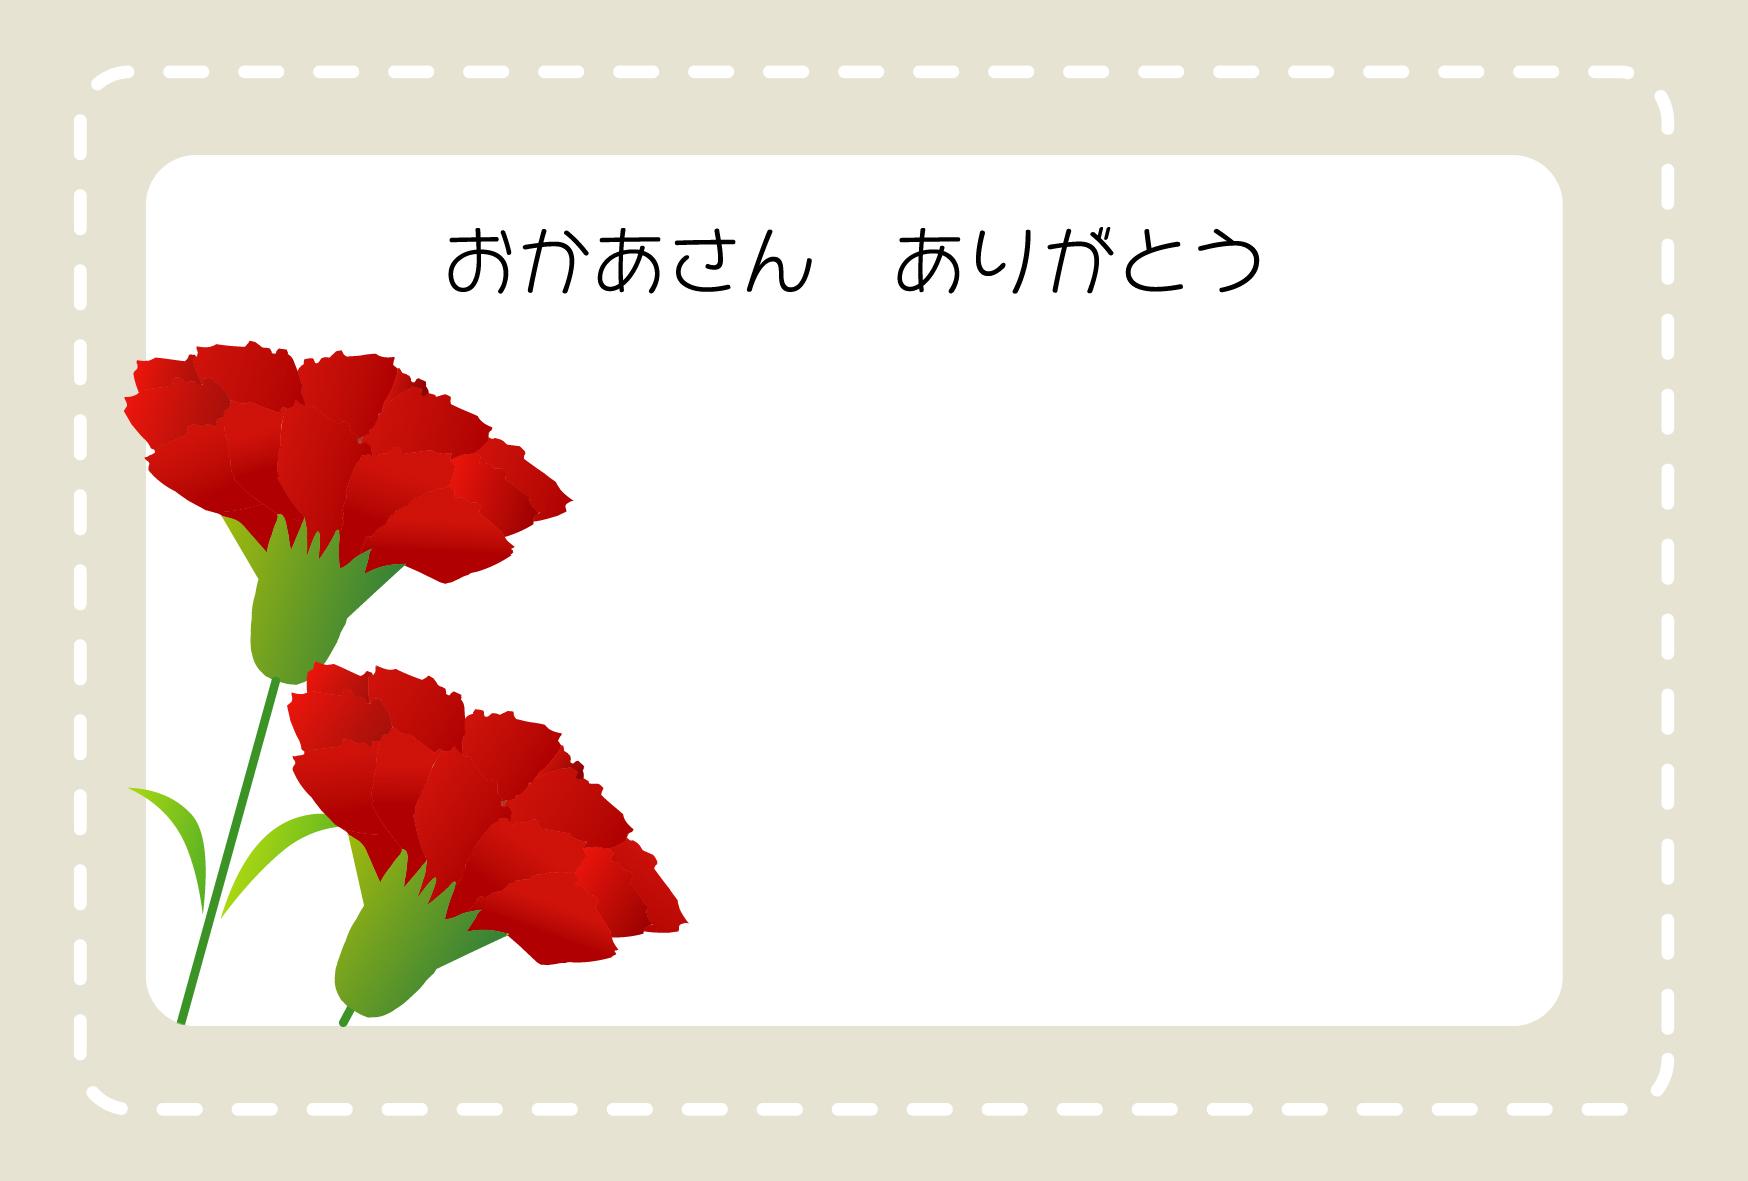 お母さんがにっこり微笑んでくれるあなたからのメッセージカード ありがとうの気持ちを込めて・・・